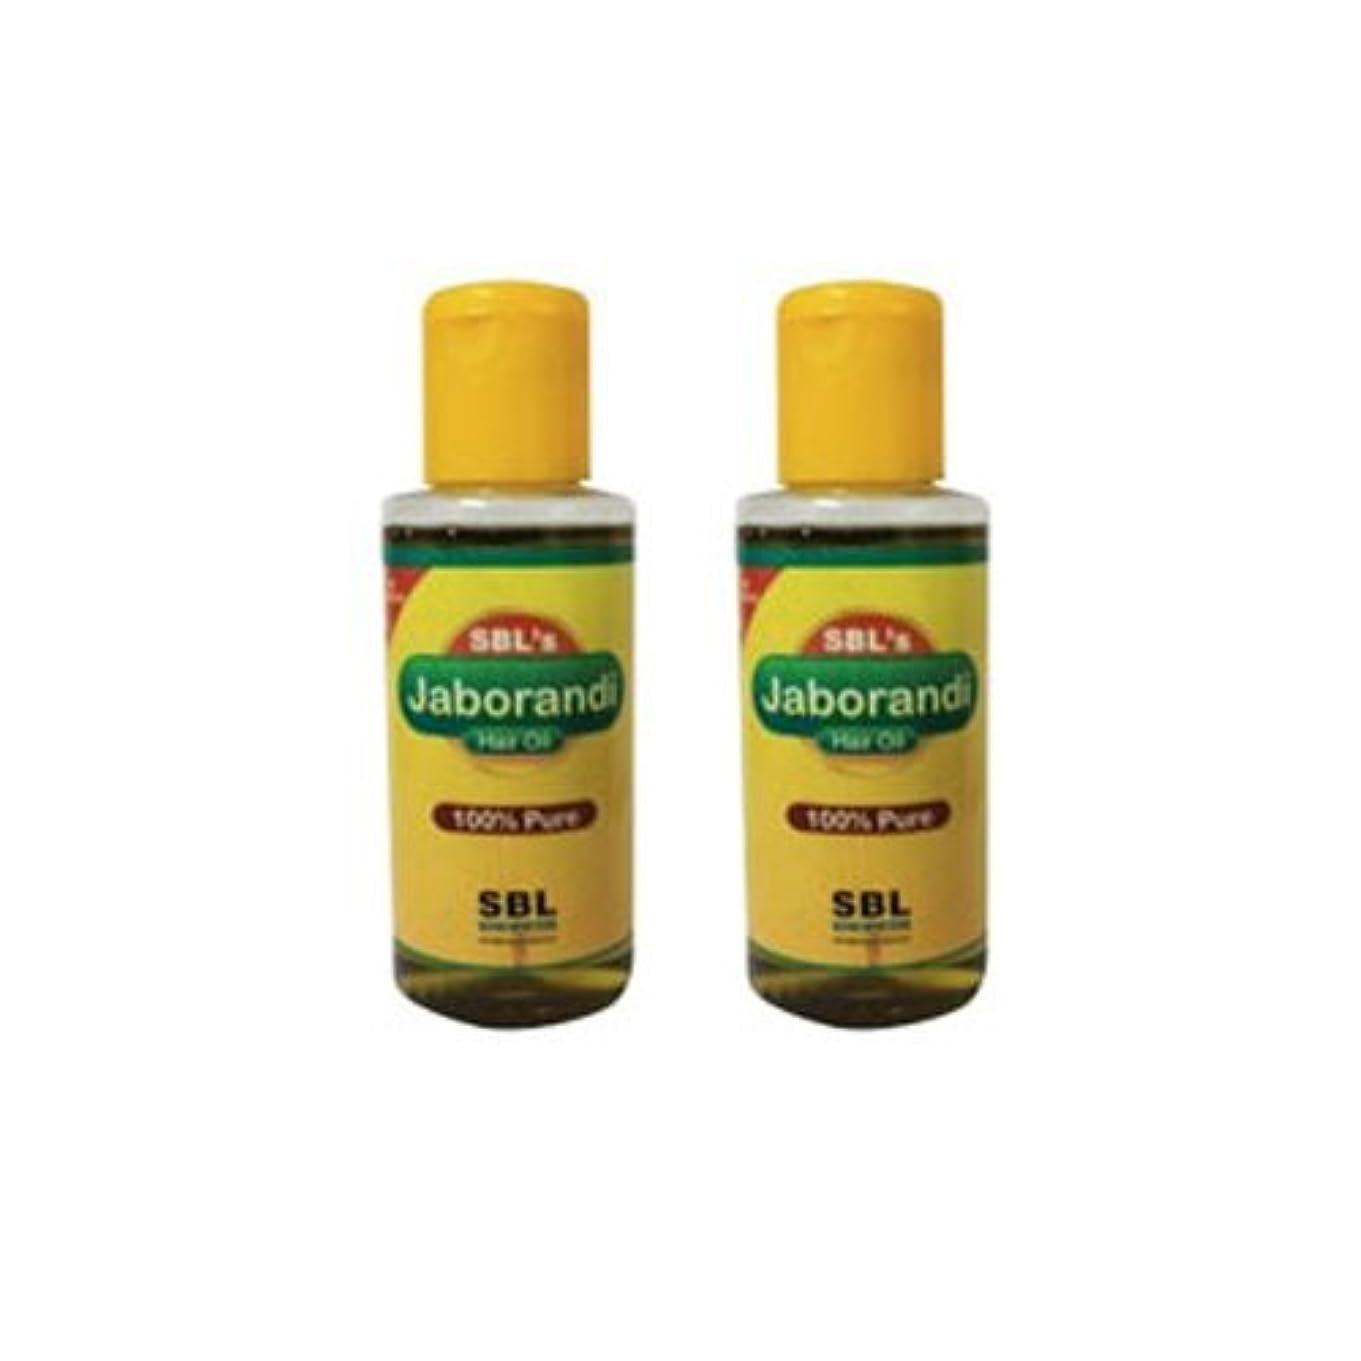 理論的ゆでる出撃者2 x Jaborandi Hair Oil. Shipping Only By - USPS / FedEX by SBL